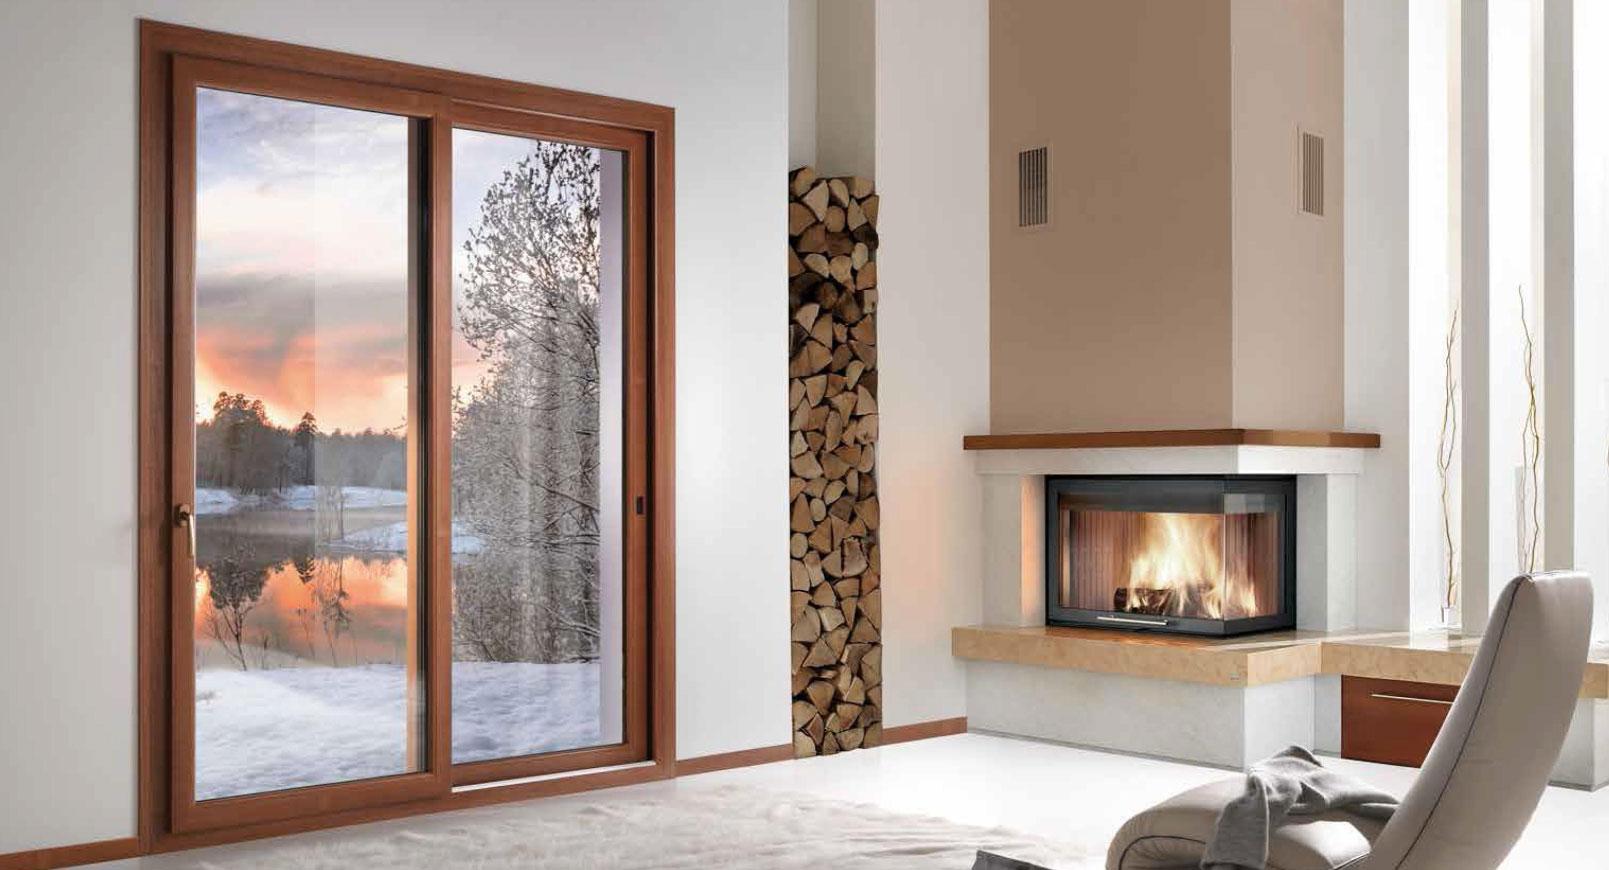 Finestre scelte tra le migliori presenti sul mercato - Serramenti per finestre ...